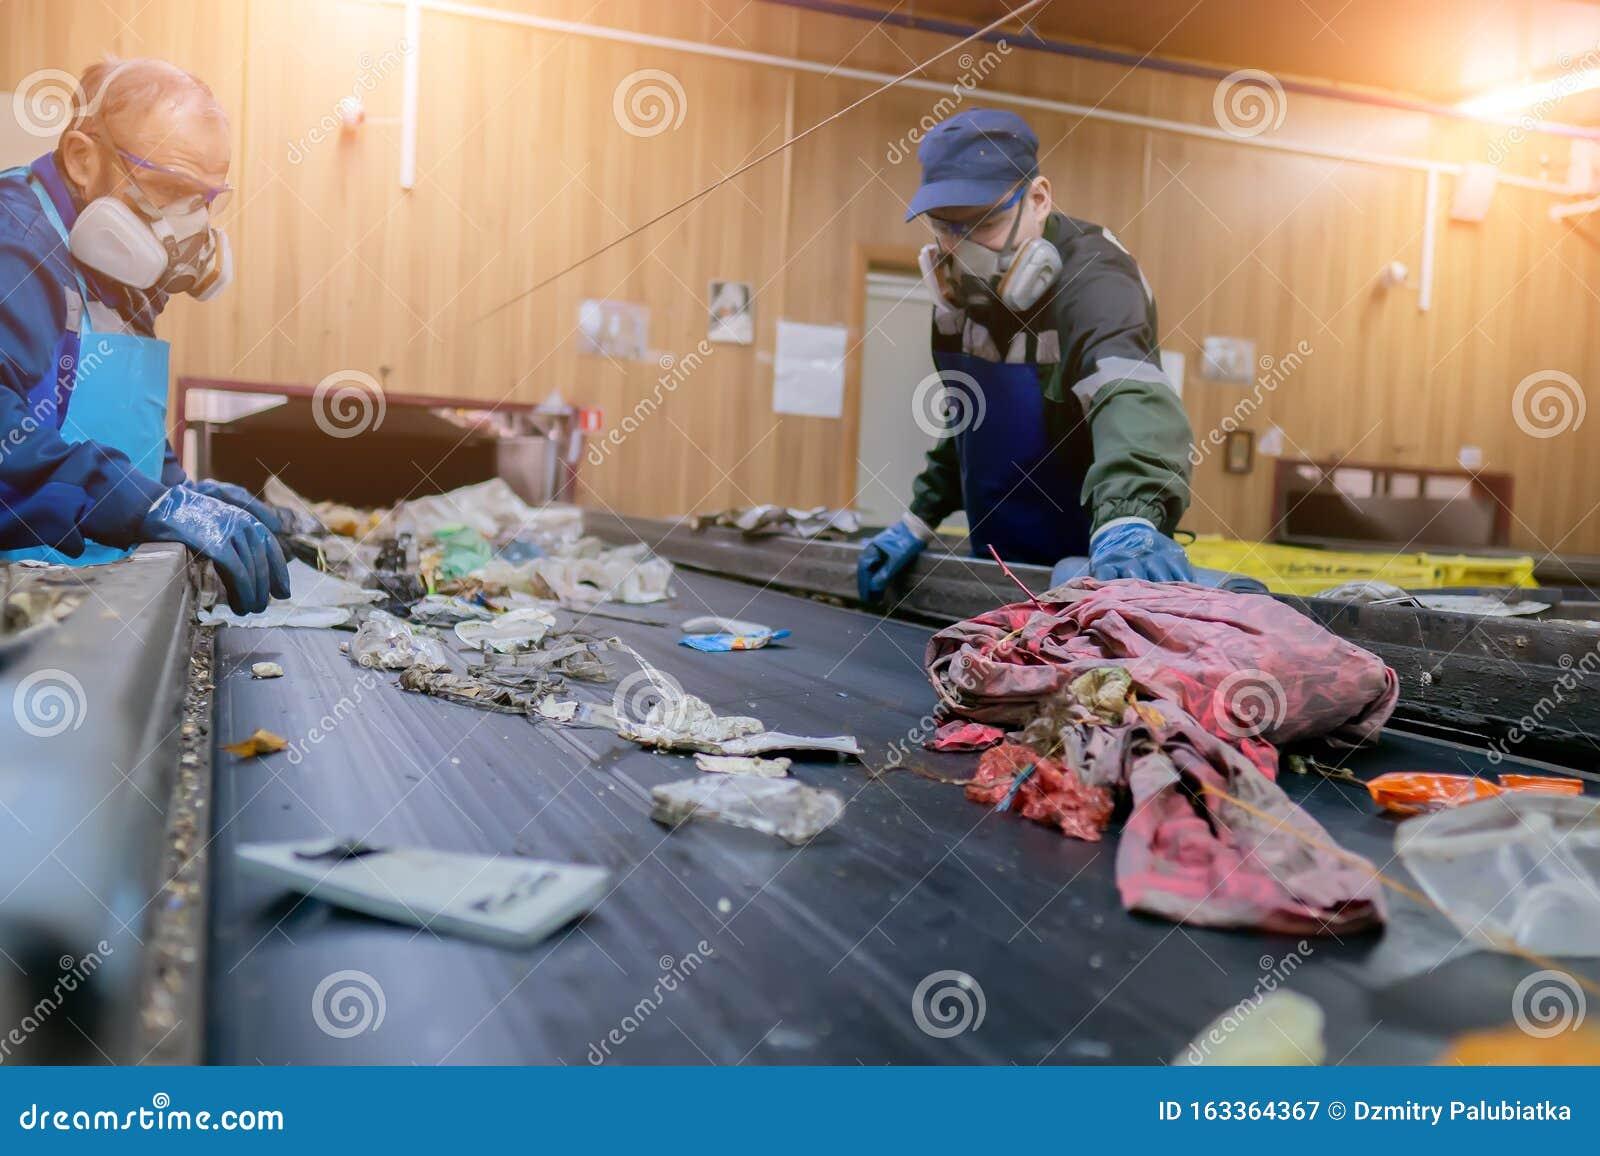 Конвейер сортировки мусора ленинск волгоградская область элеватор